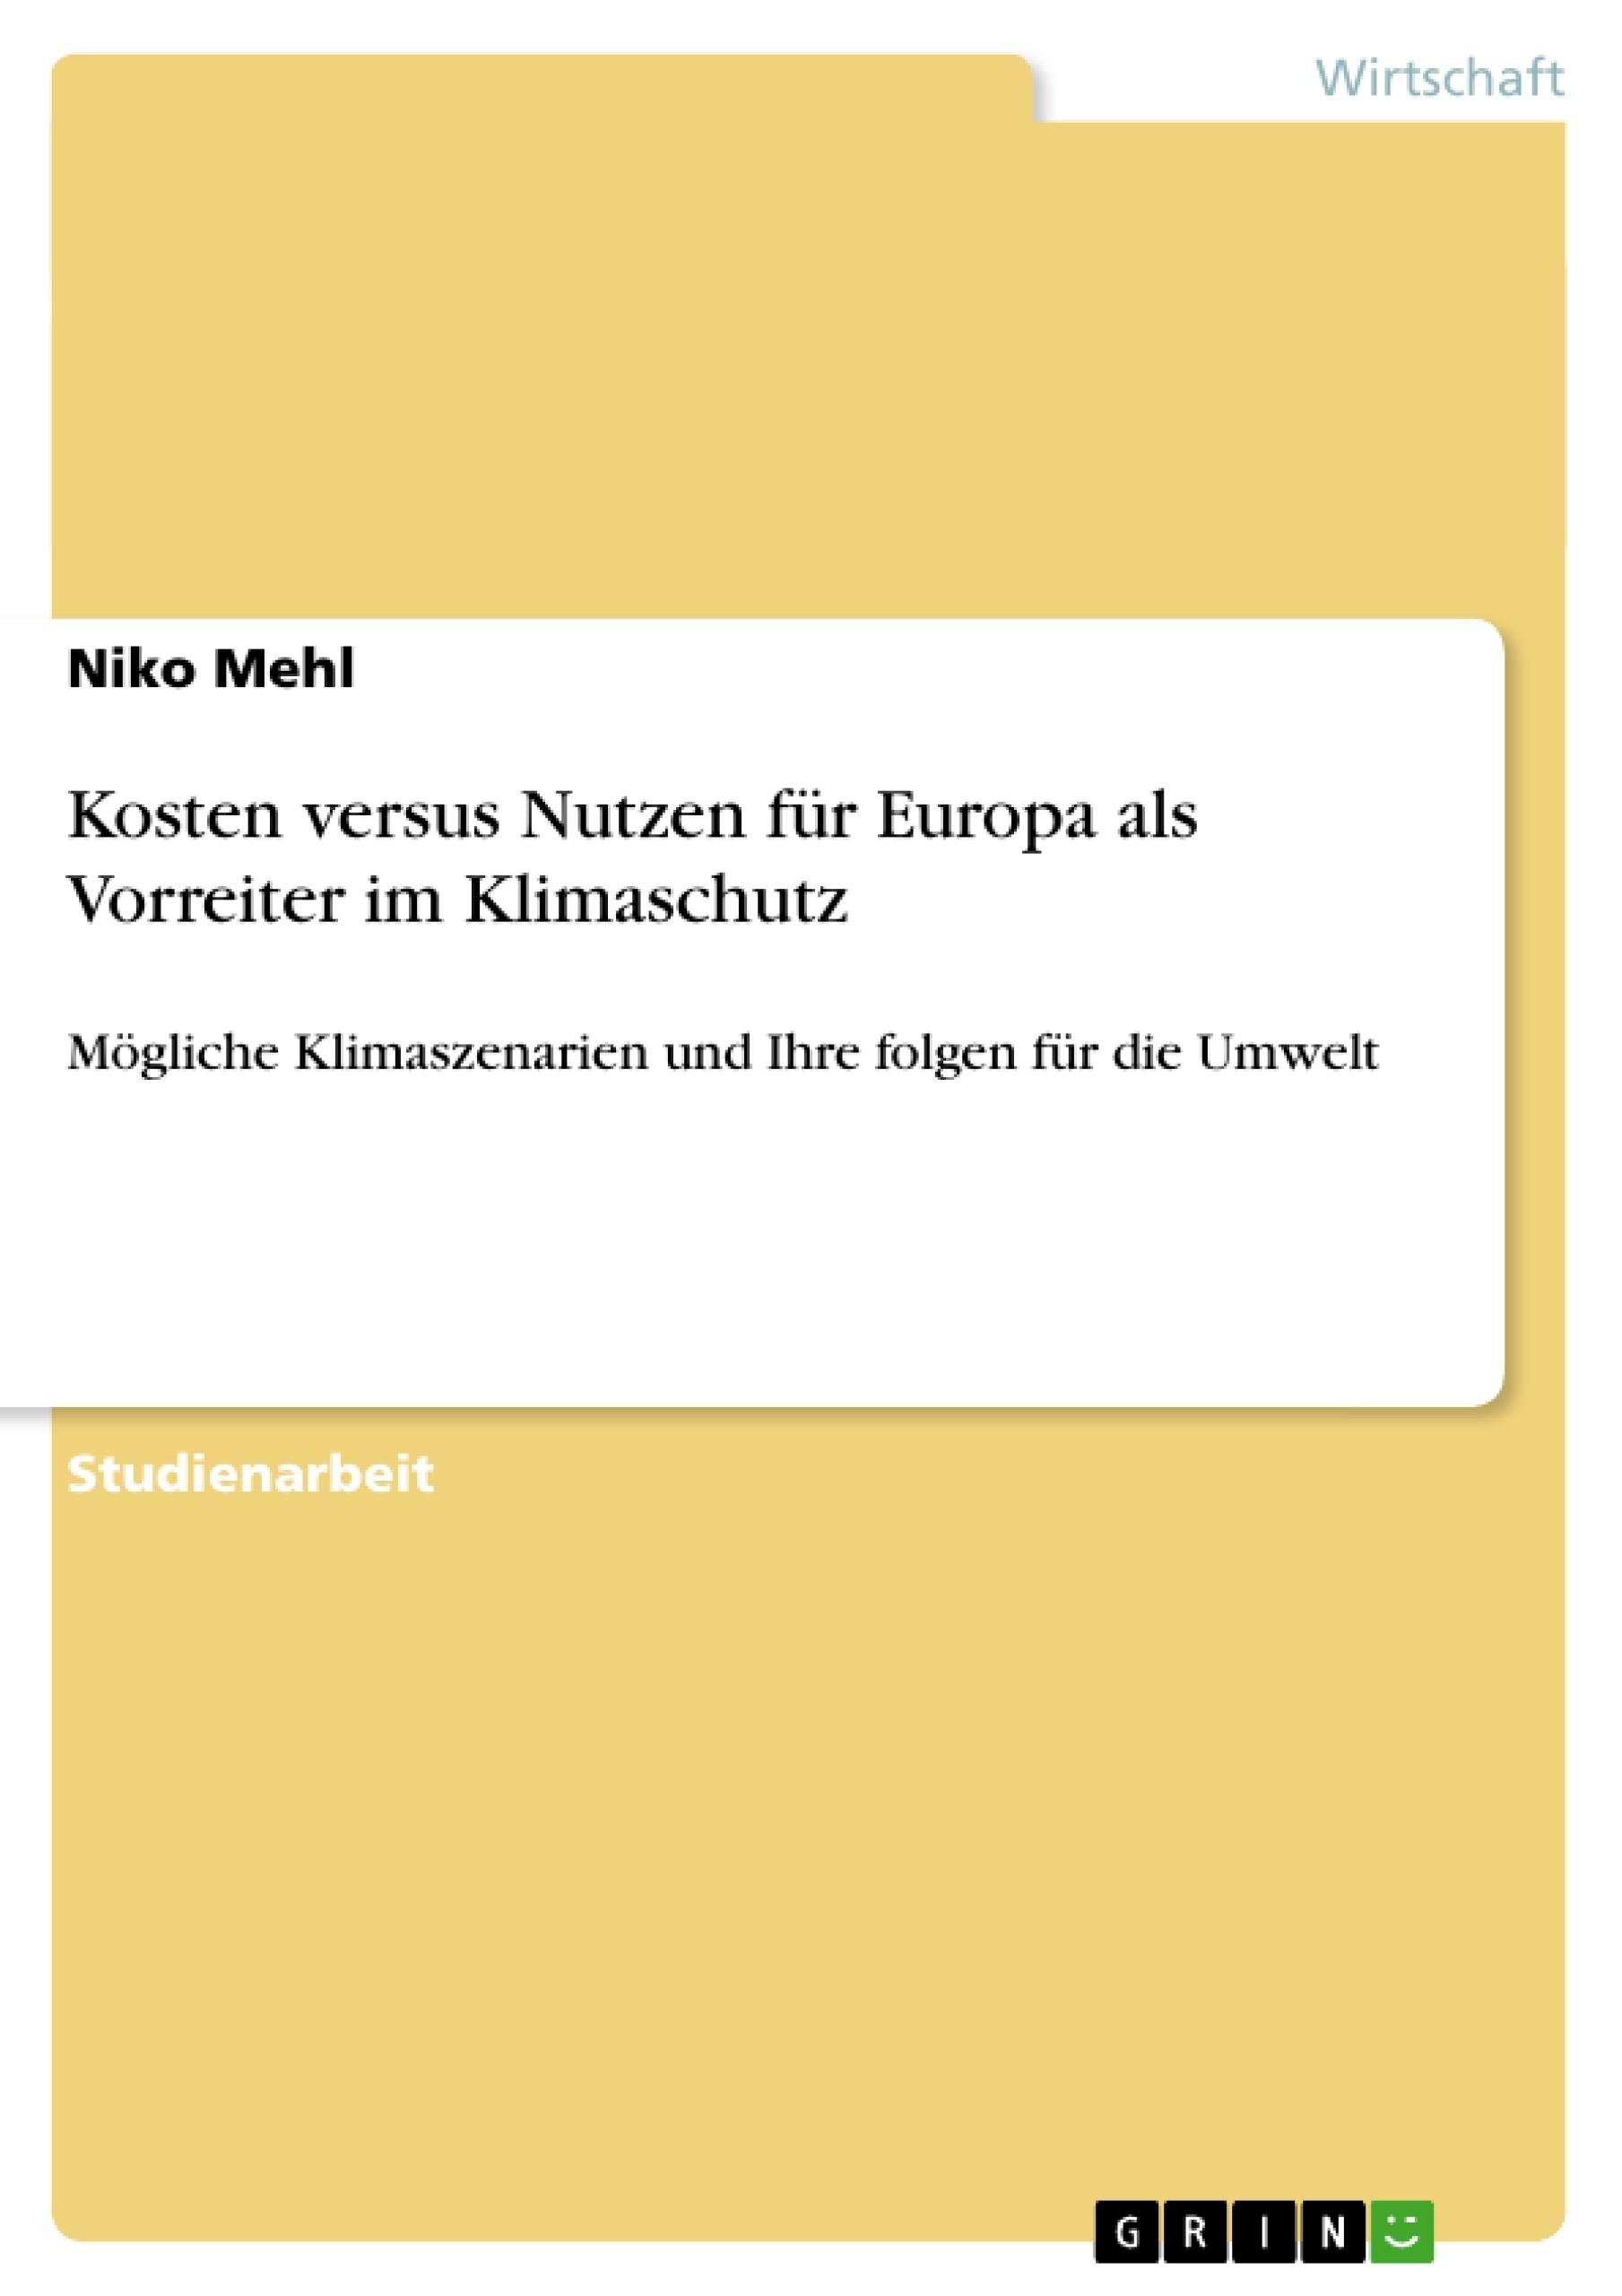 Titel: Kosten versus Nutzen für Europa als Vorreiter im Klimaschutz